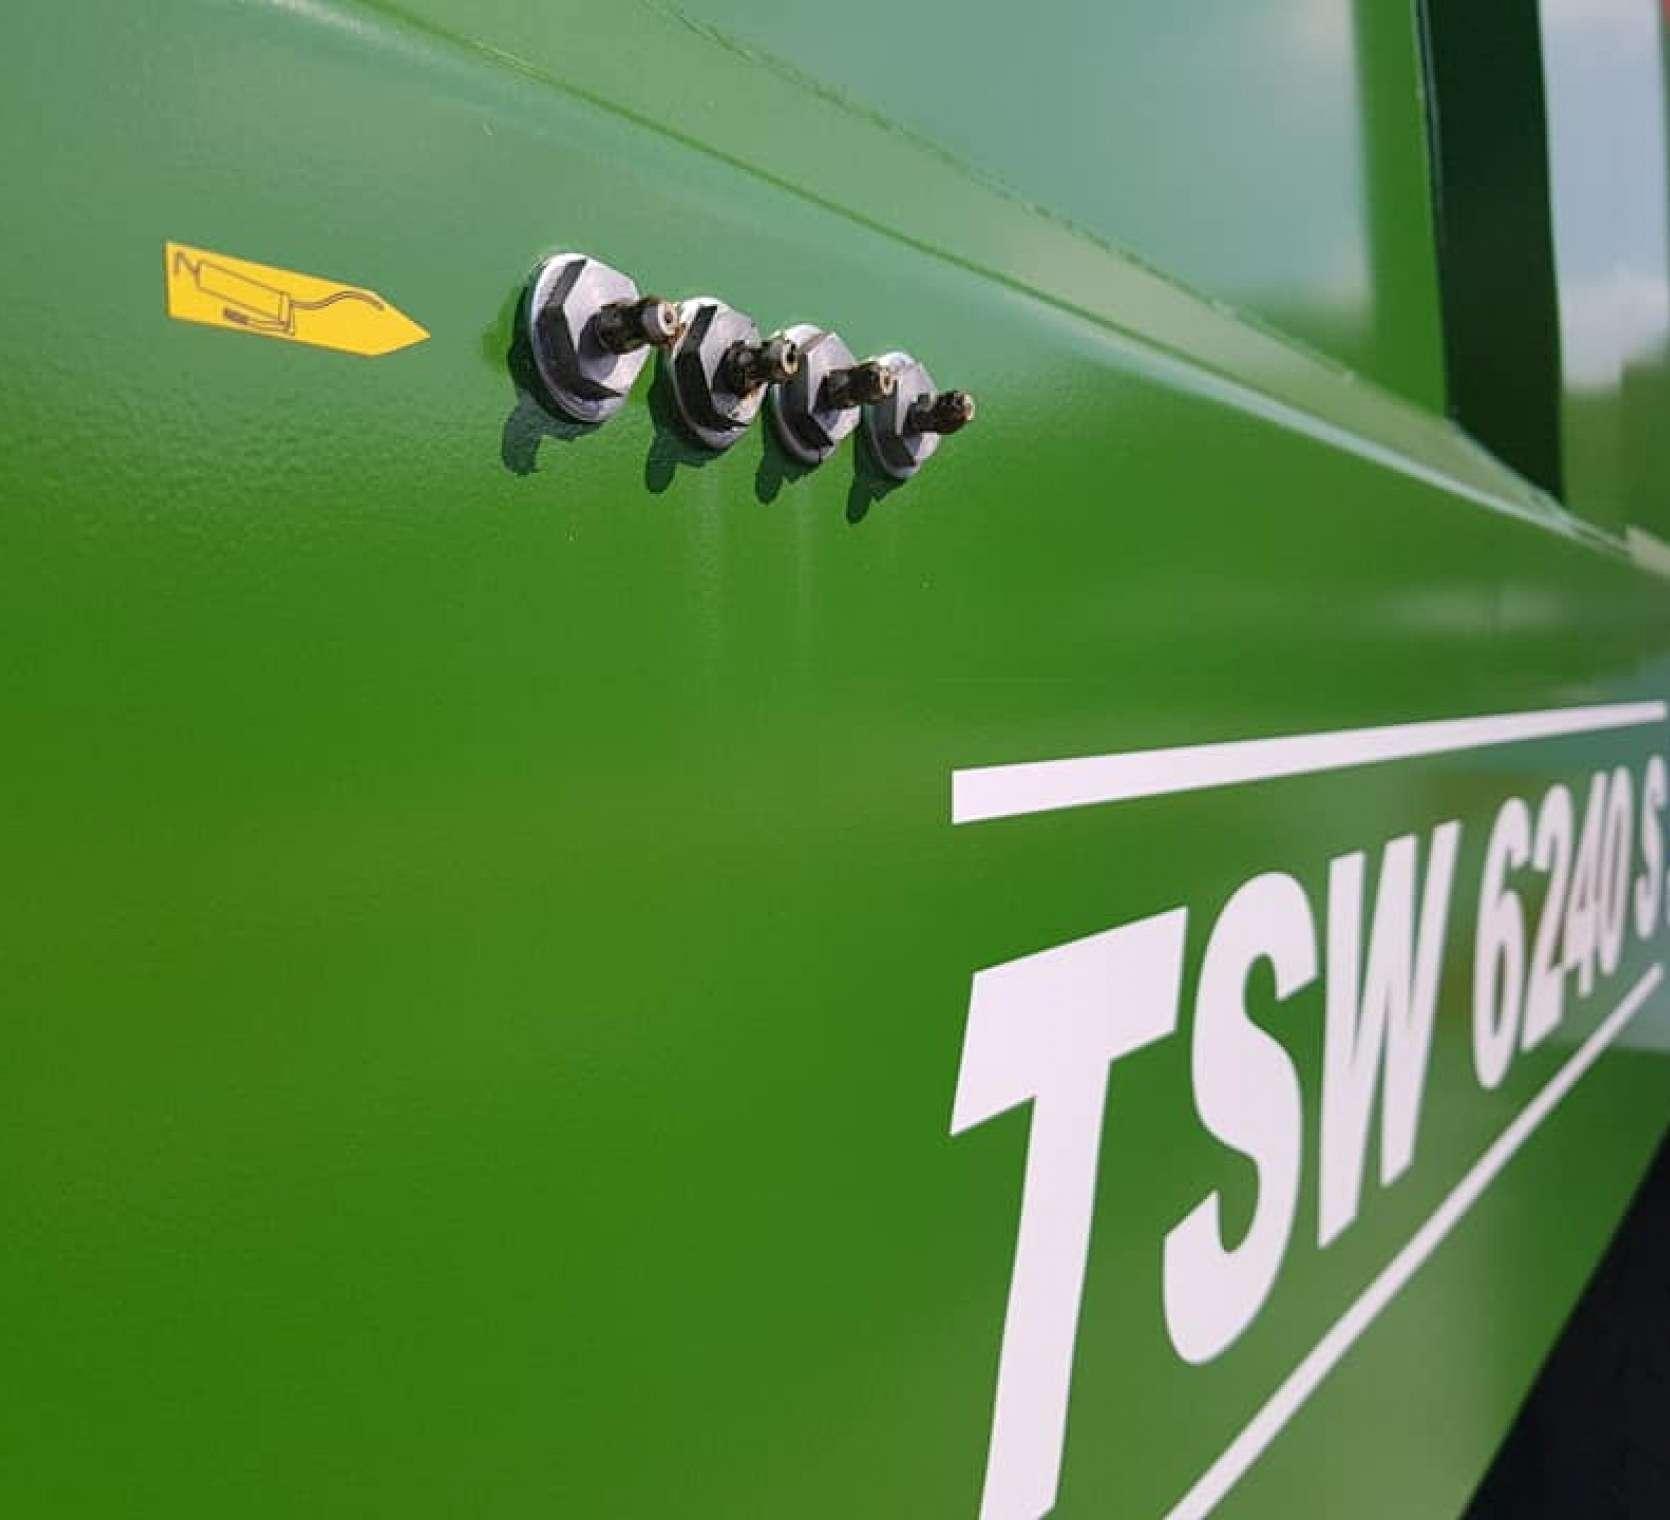 układ sparowania rozrzutnika obornika TSW 6240 S